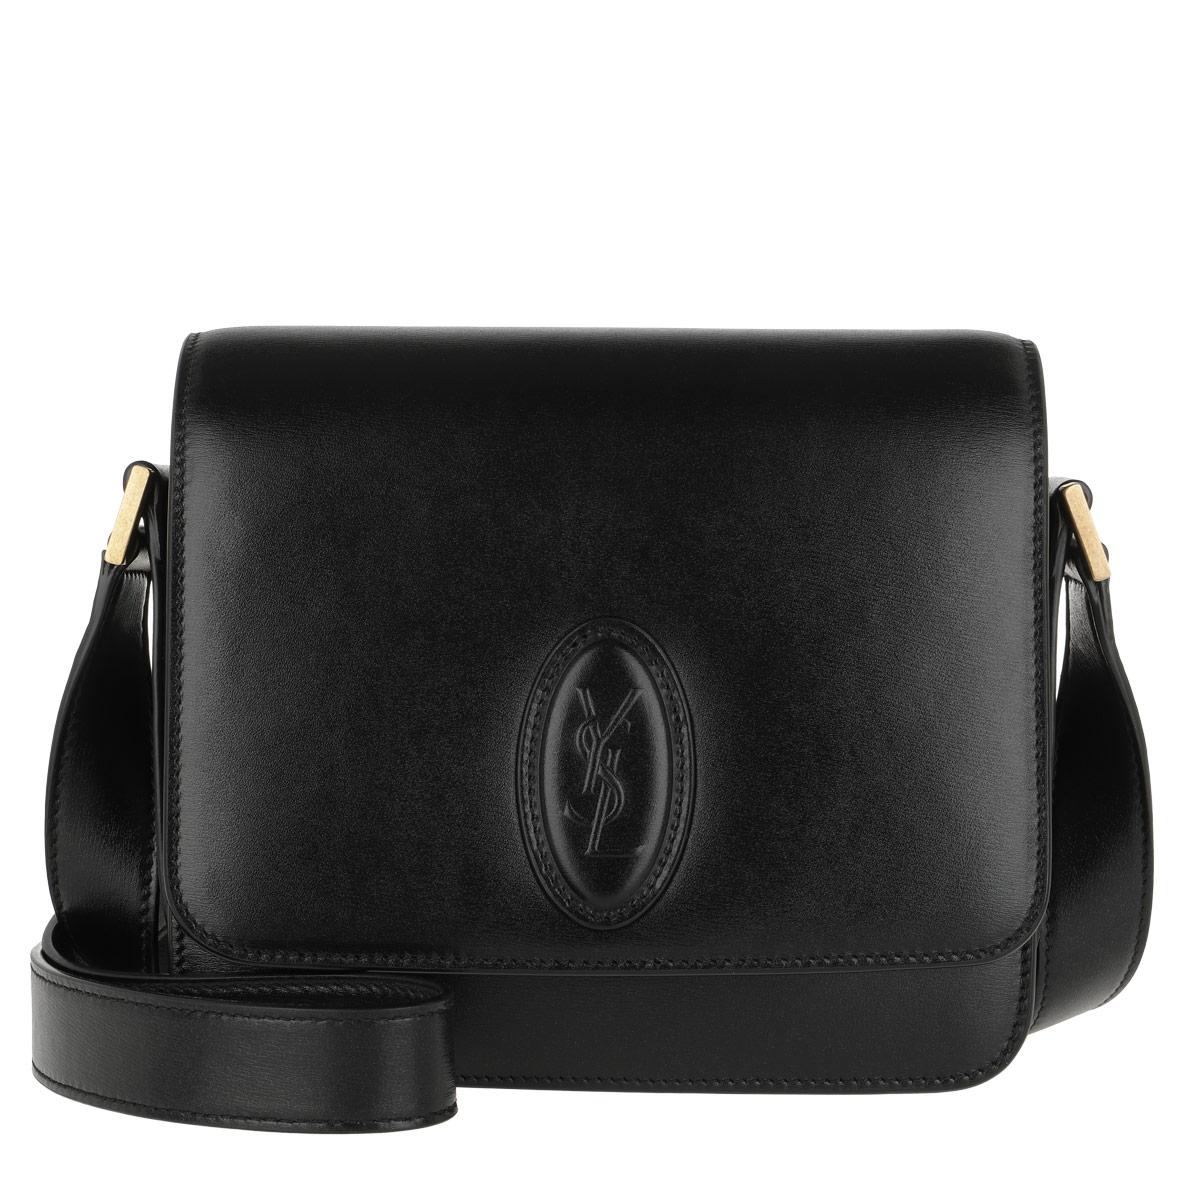 Saint Laurent Umhängetasche - LE 61 Small Saddle Bag Smooth Leather Black - in schwarz - für Damen